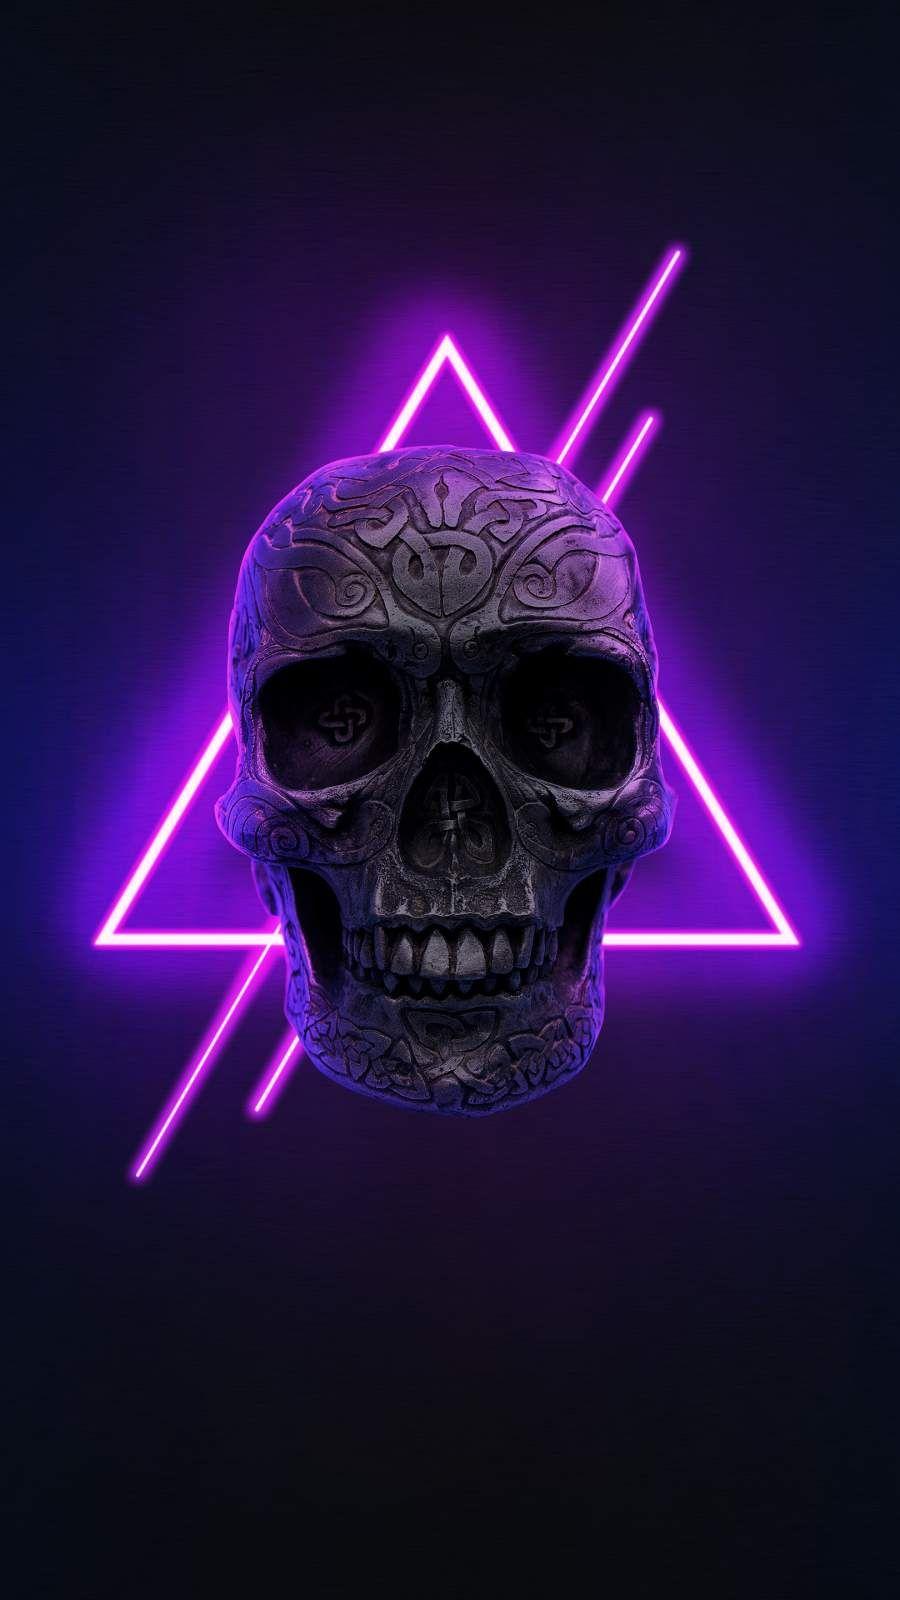 Neon Skull Iphone Wallpaper In 2020 Iphone Wallpaper Skull Wallpaper Hd Cool Wallpapers